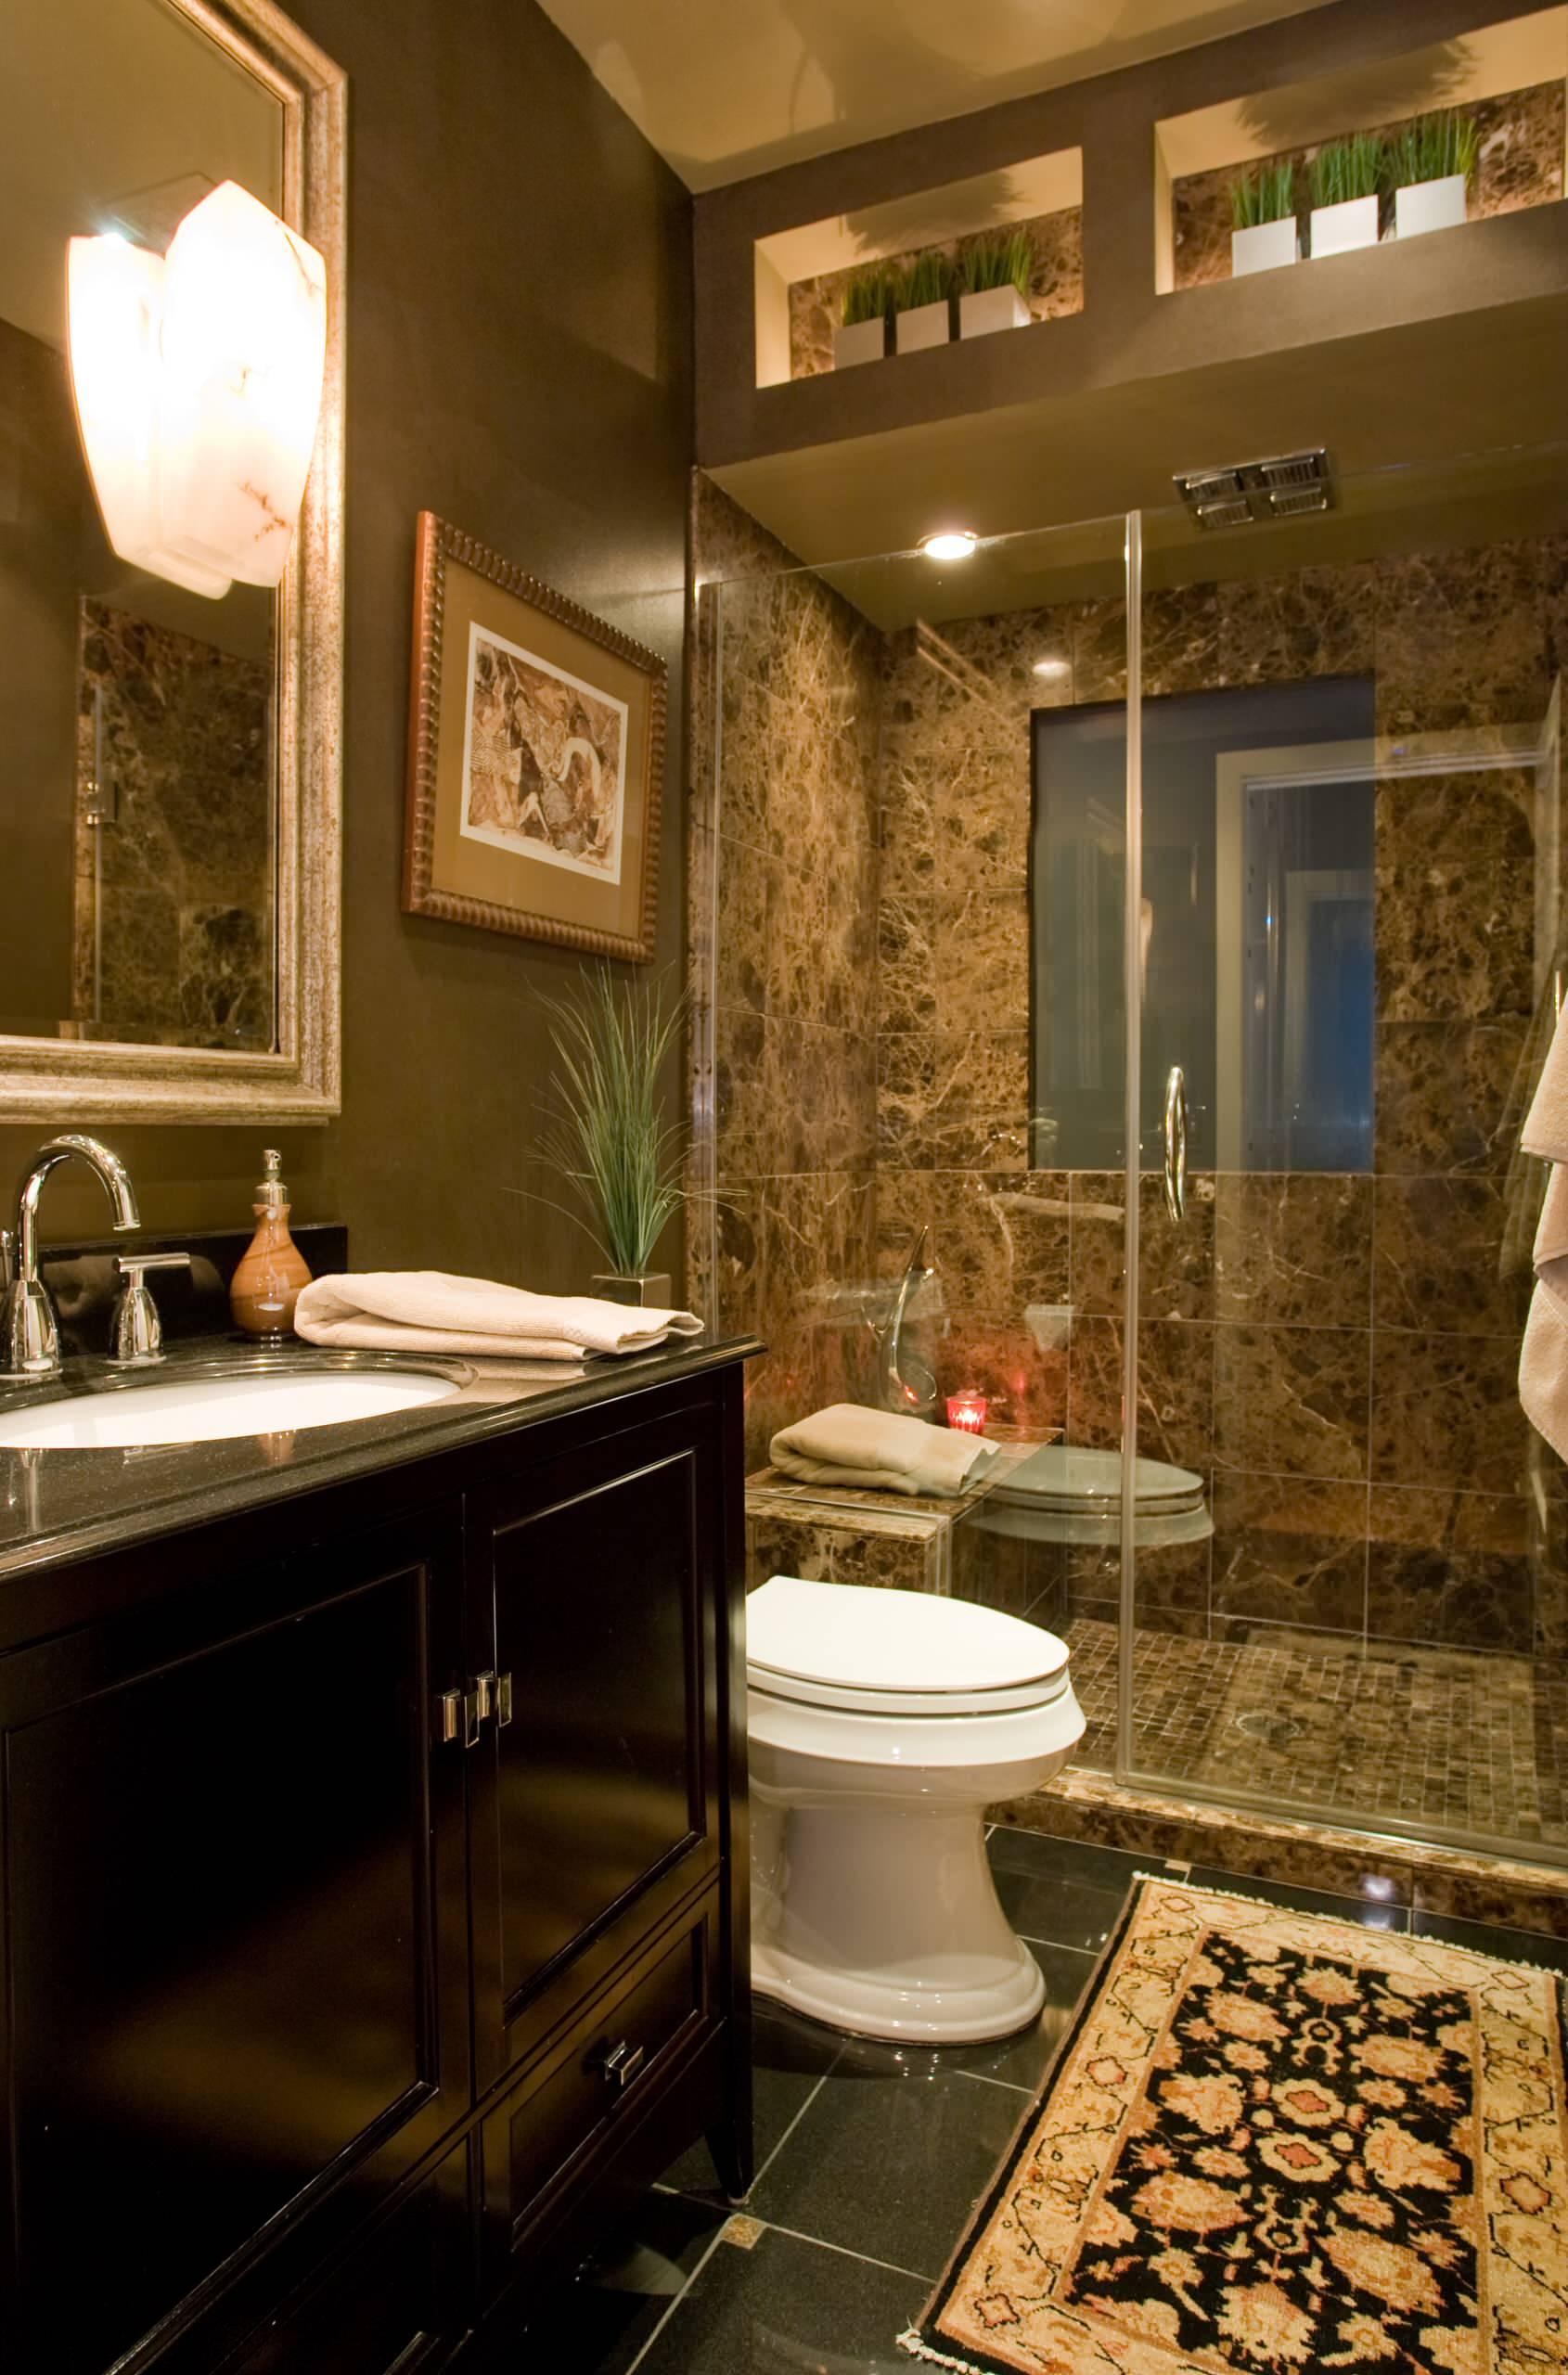 Bathroom Wall Decor Ideas Houzz